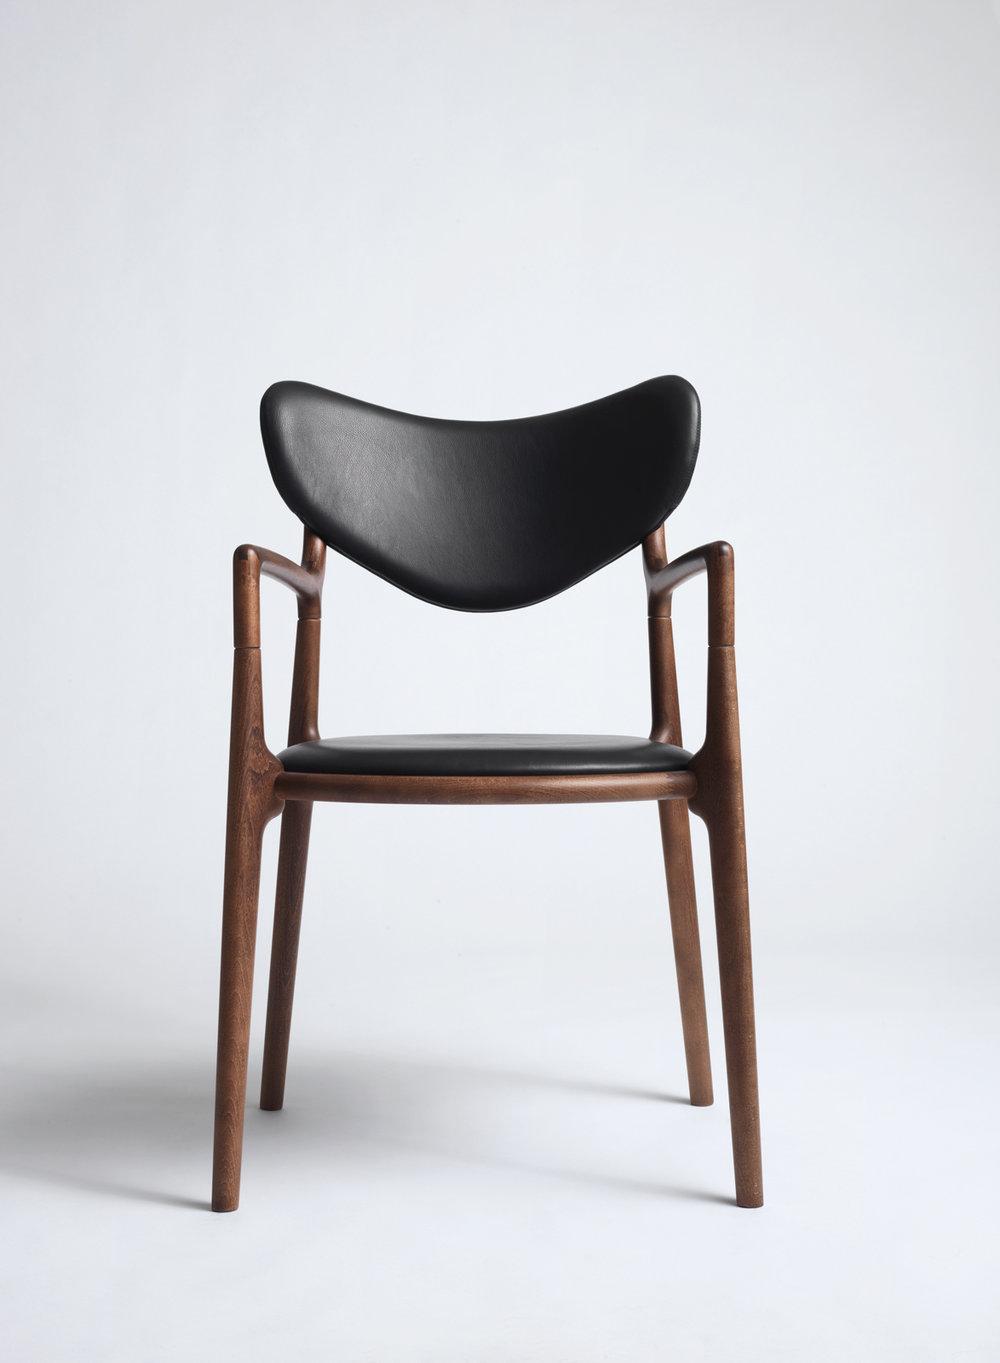 Salon_Chair_Brown_Beech_Black_Leather_Asger_Soelberg_01.jpg